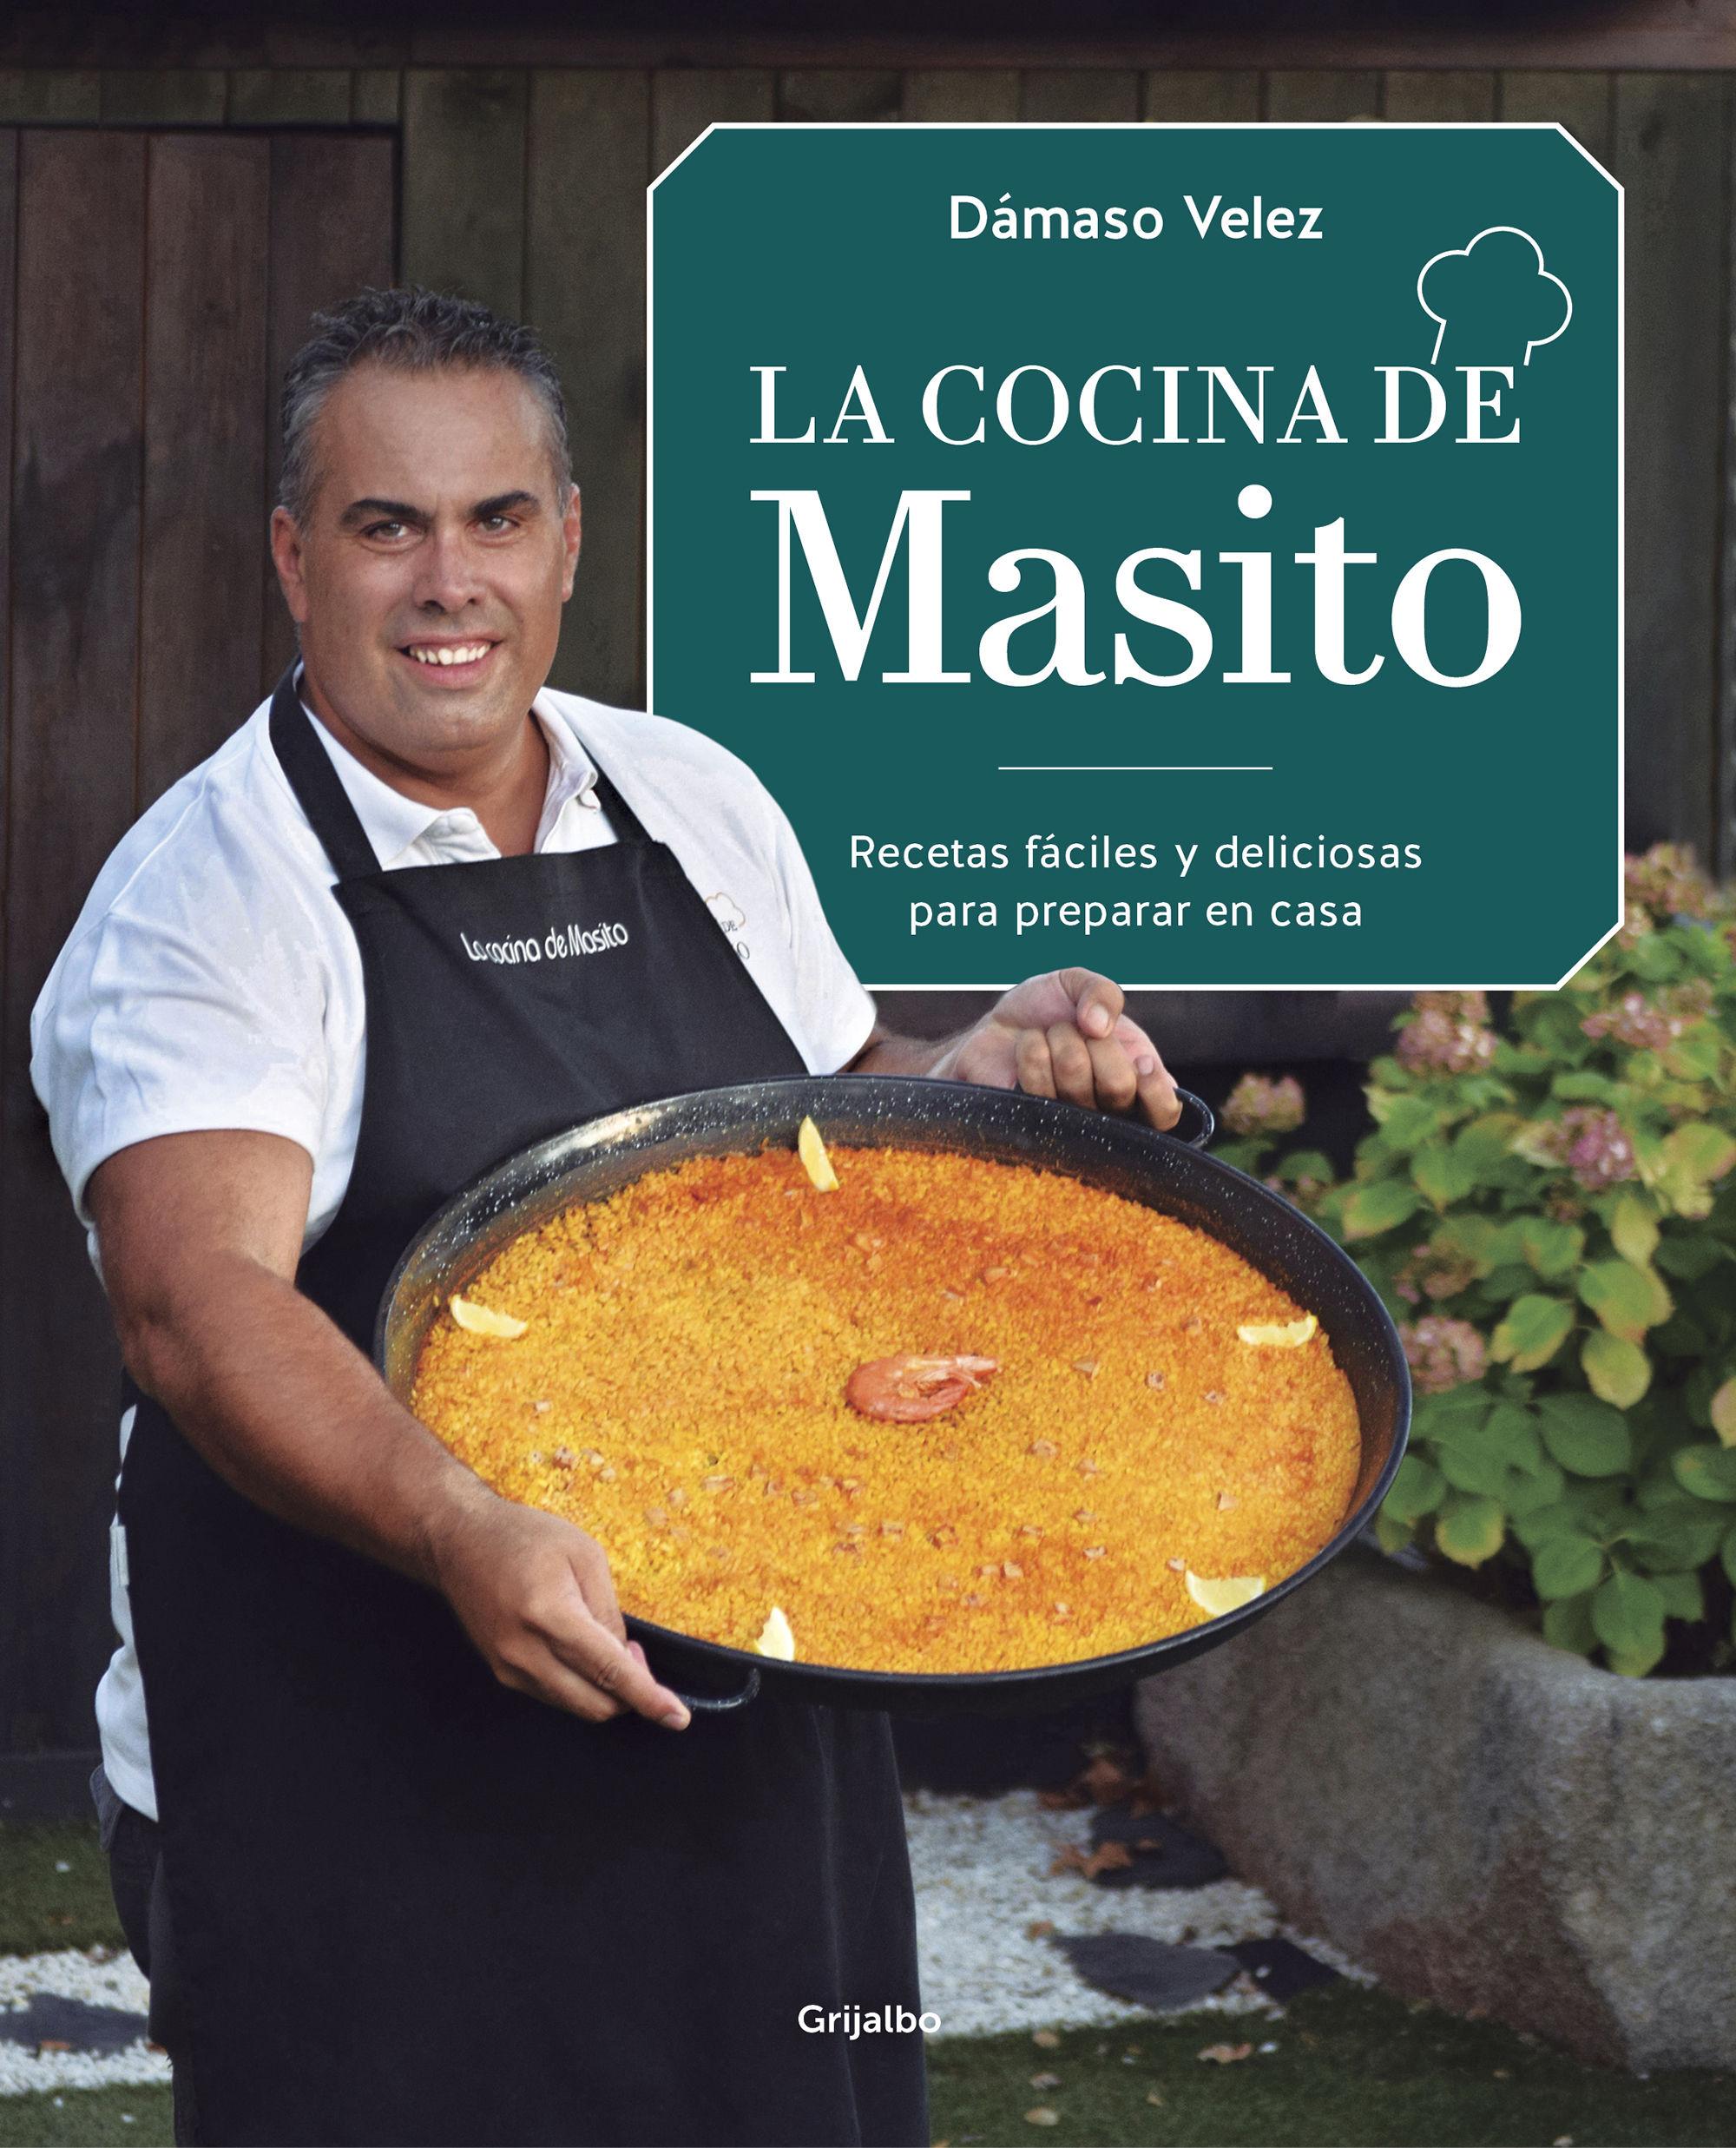 COCINA DE MASITO LA